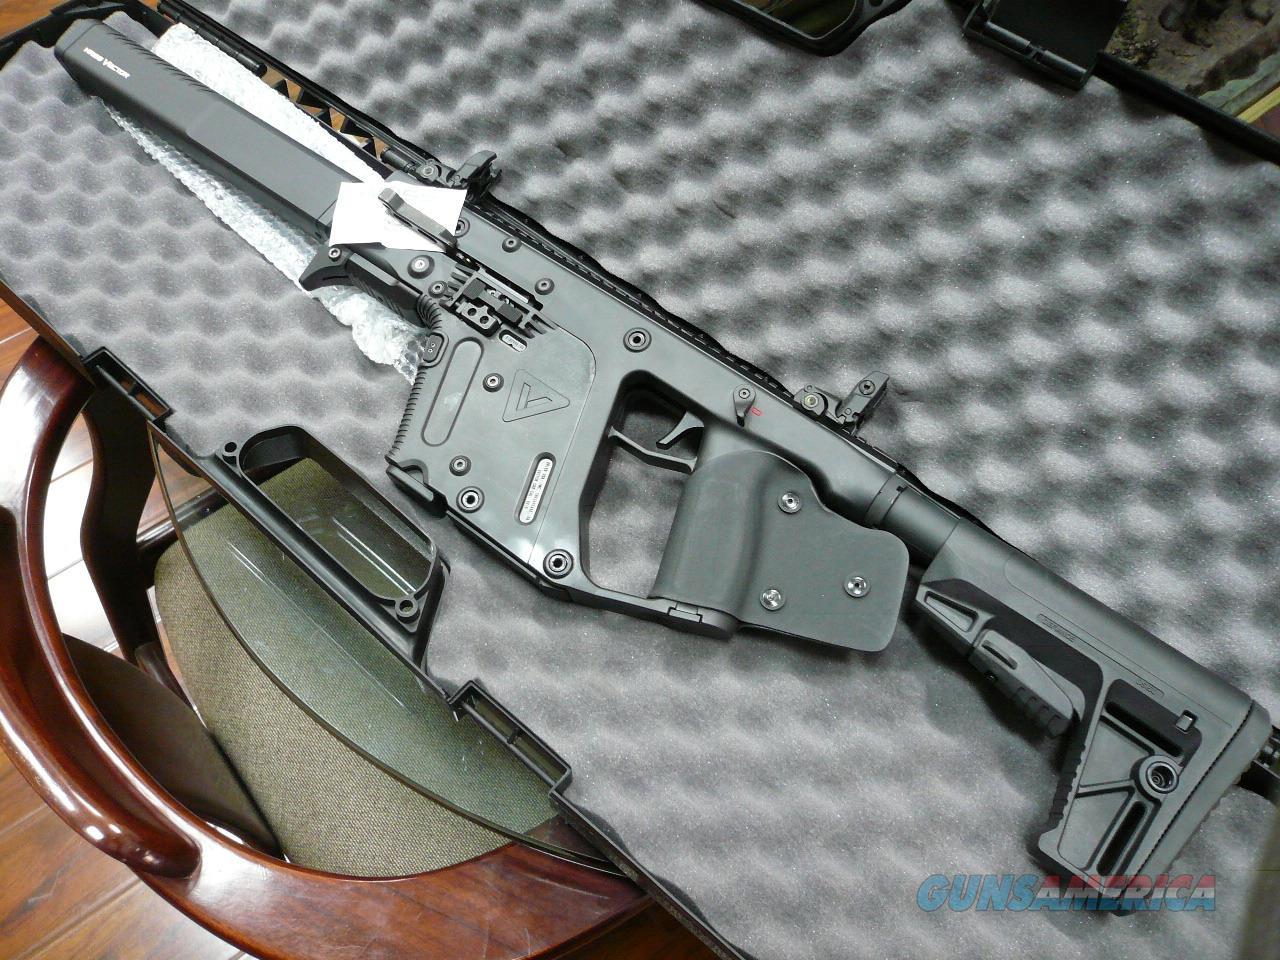 VECTOR CRB 9MM (CA COMPLIANT) NIB  Guns > Rifles > Kriss Tactical Rifles